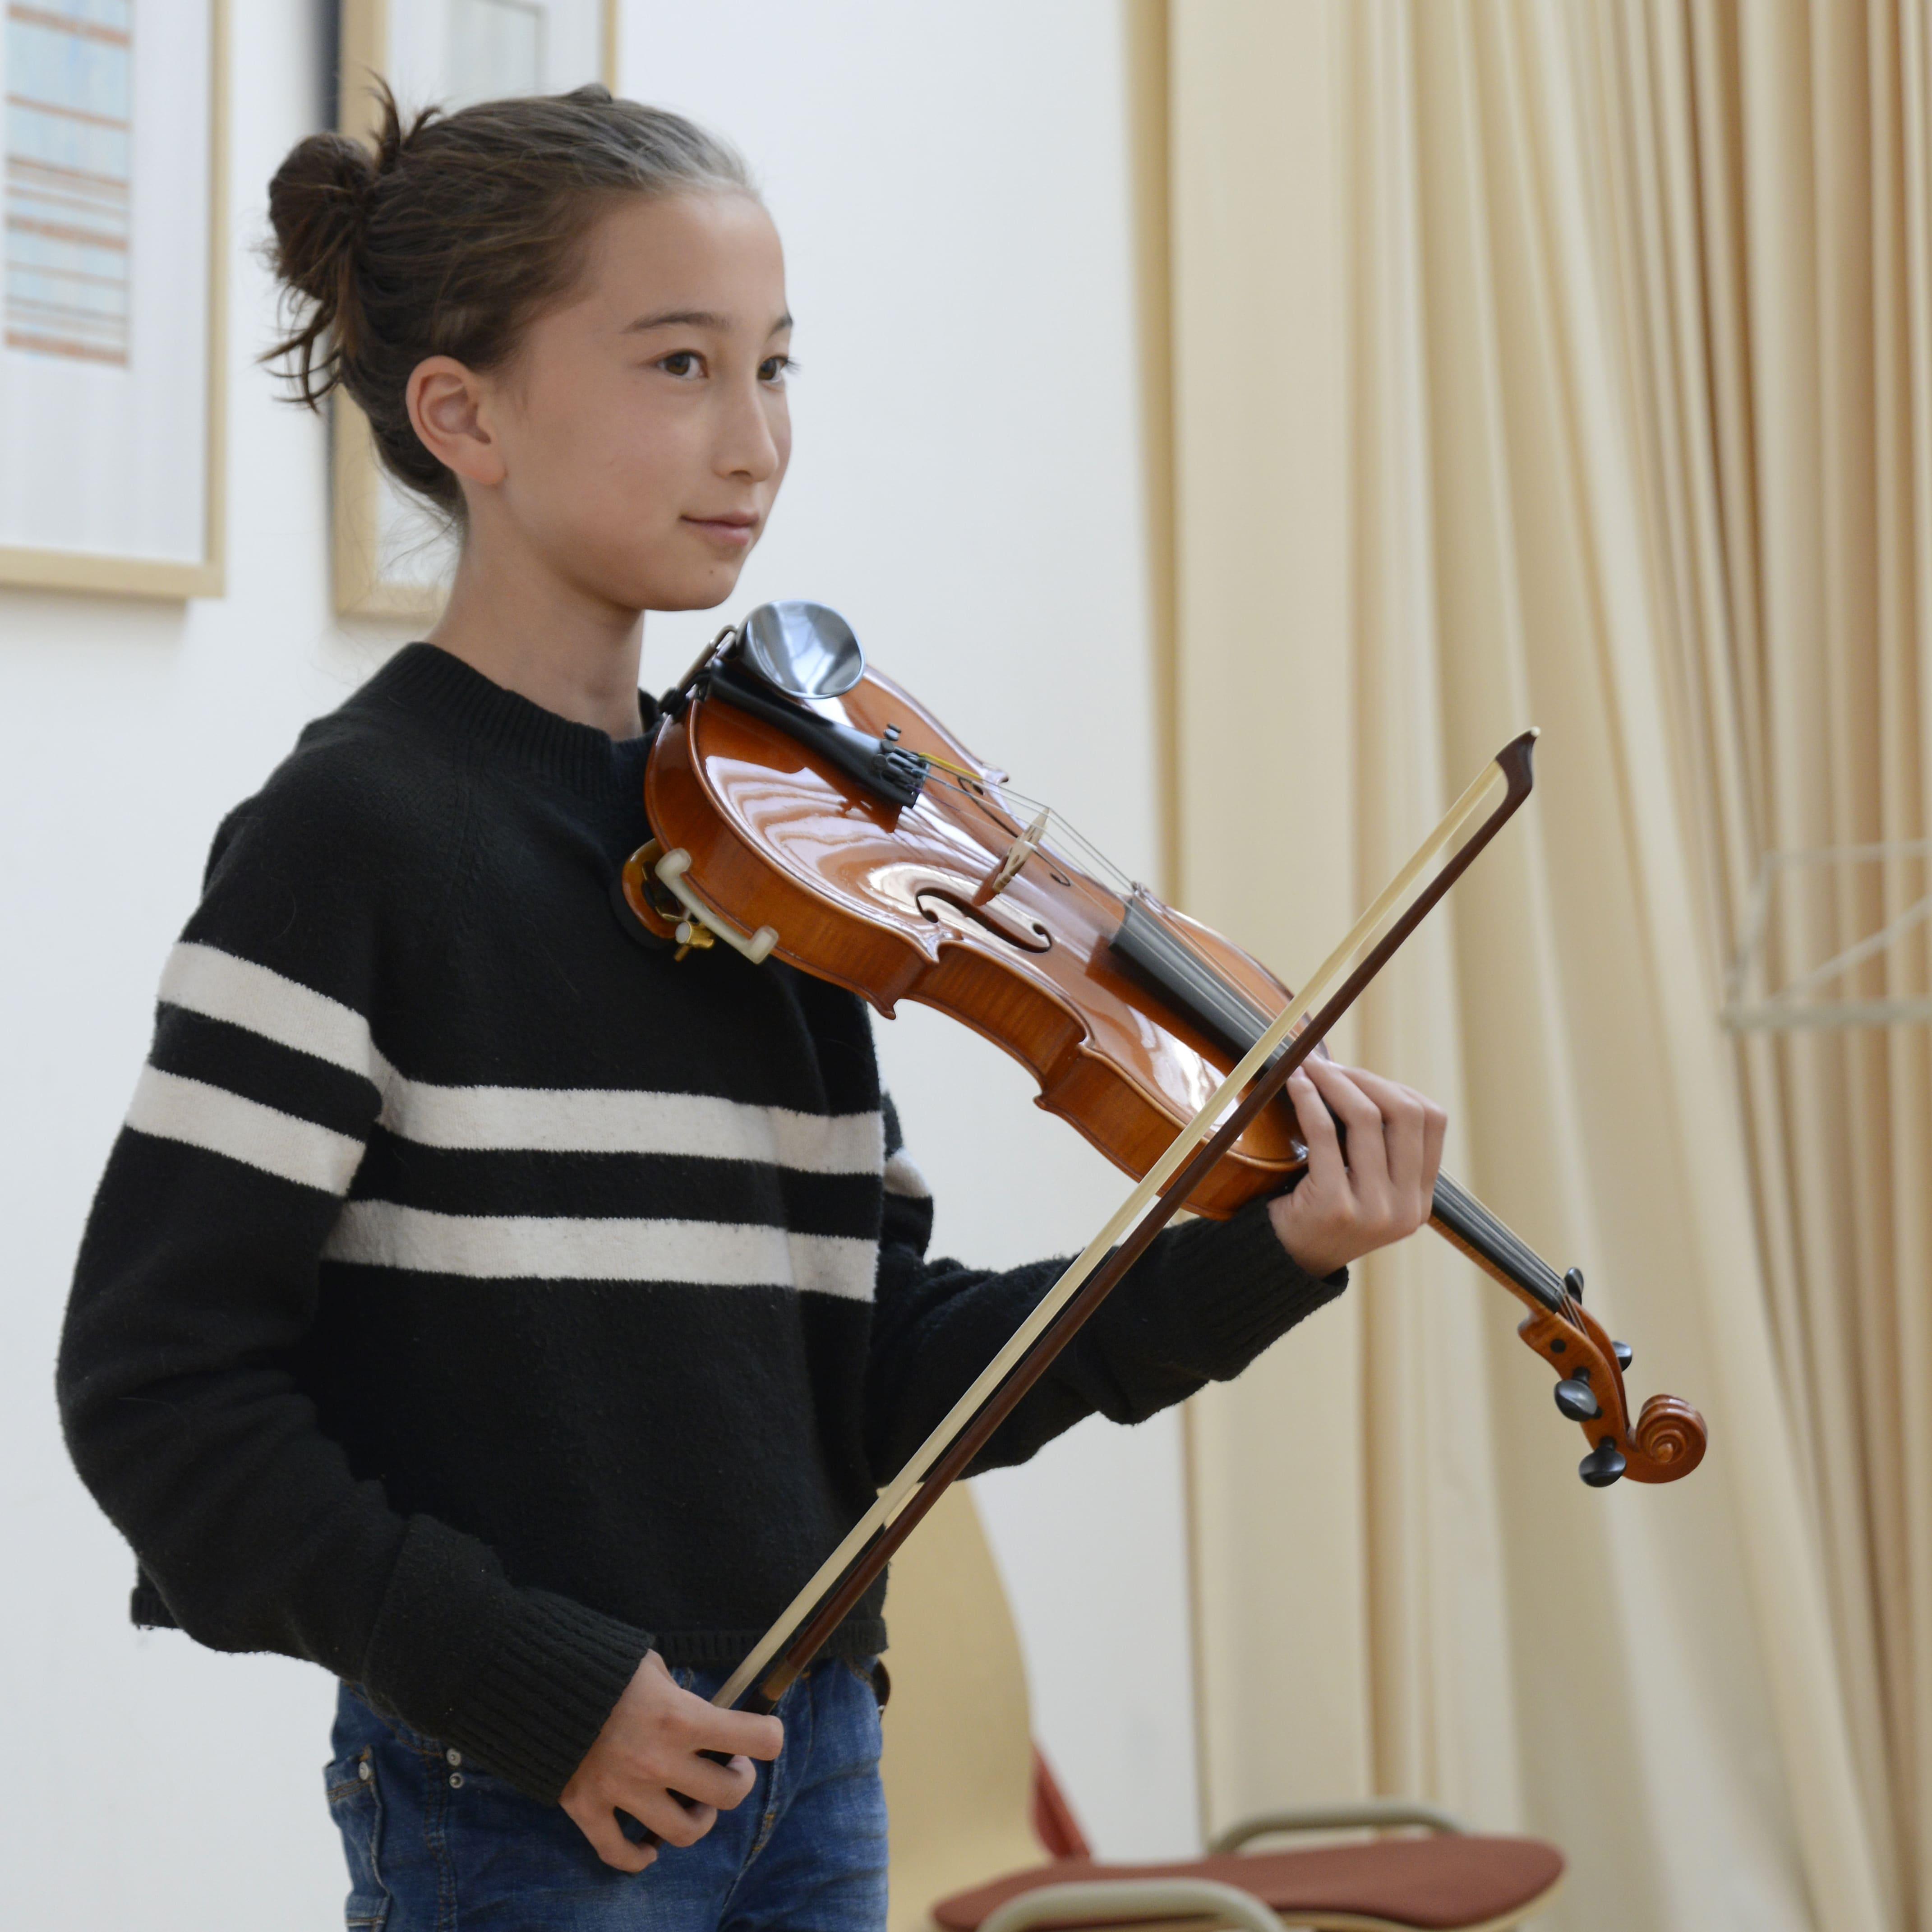 Vioolles met een leerling